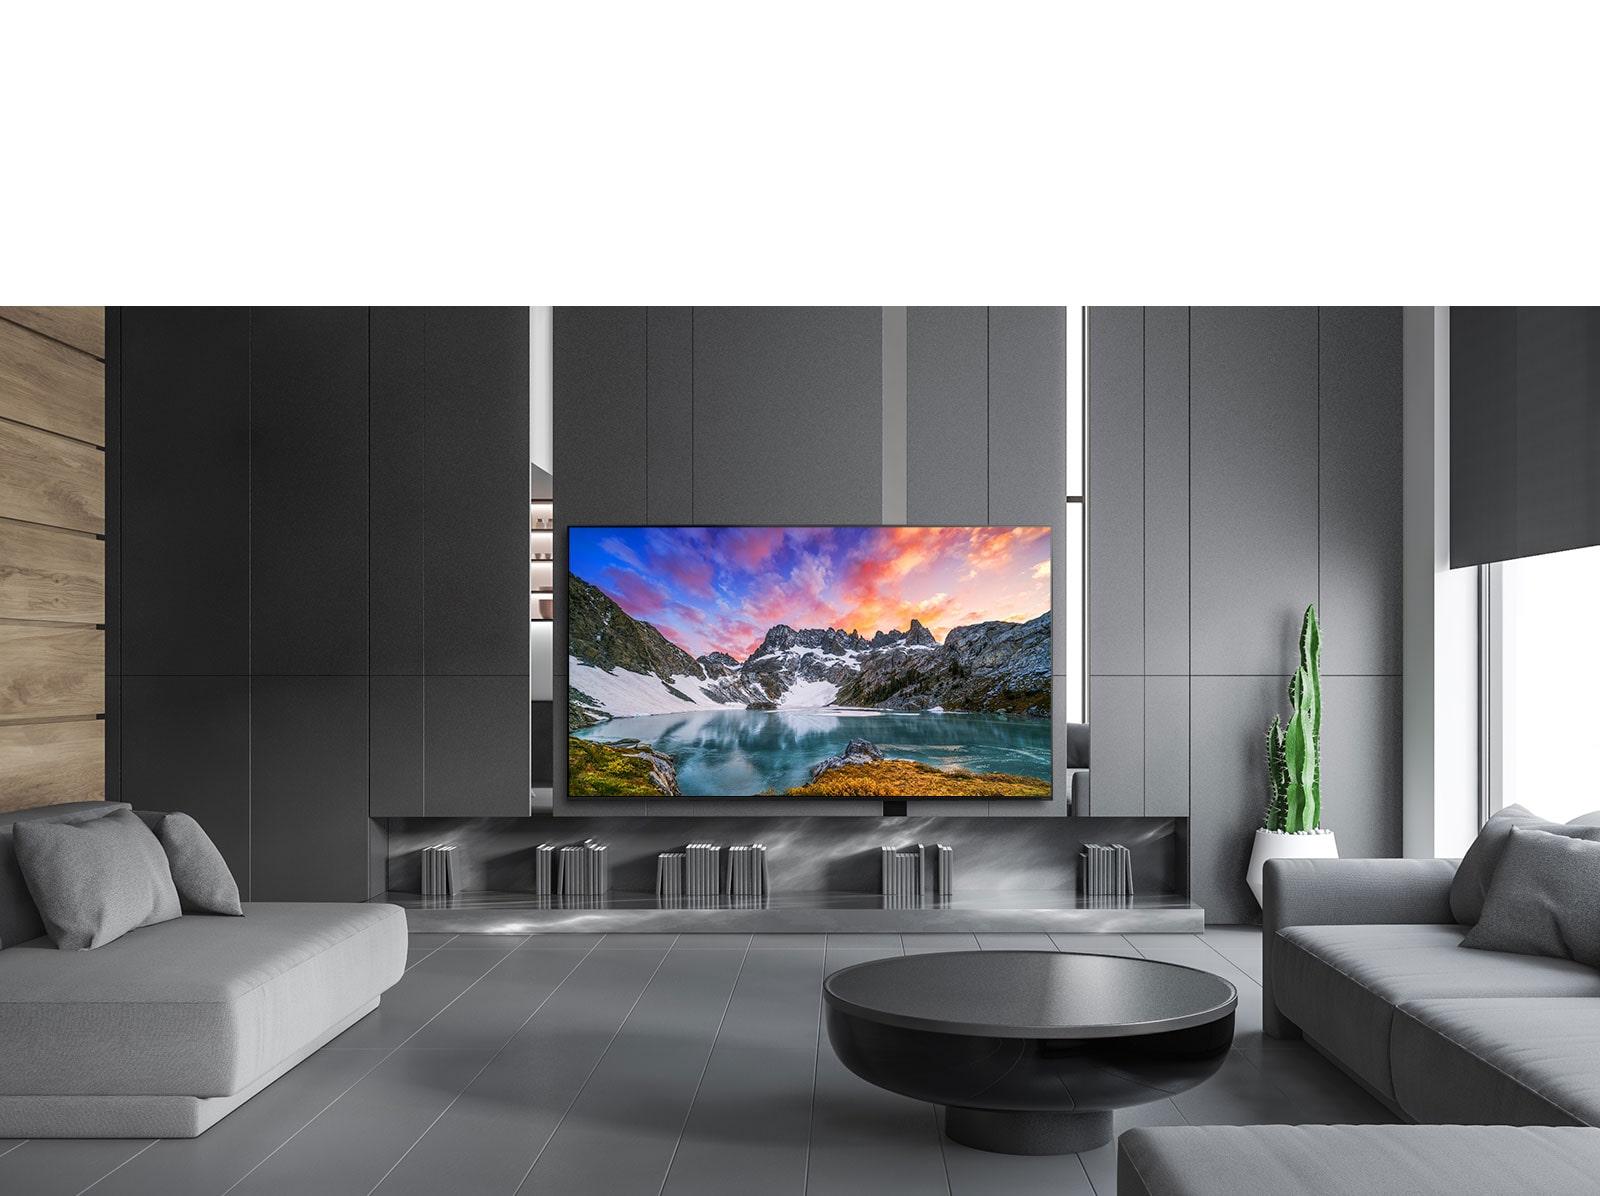 El televisor muestra una vista a nivel de ojos de la naturaleza en un entorno doméstico lujoso